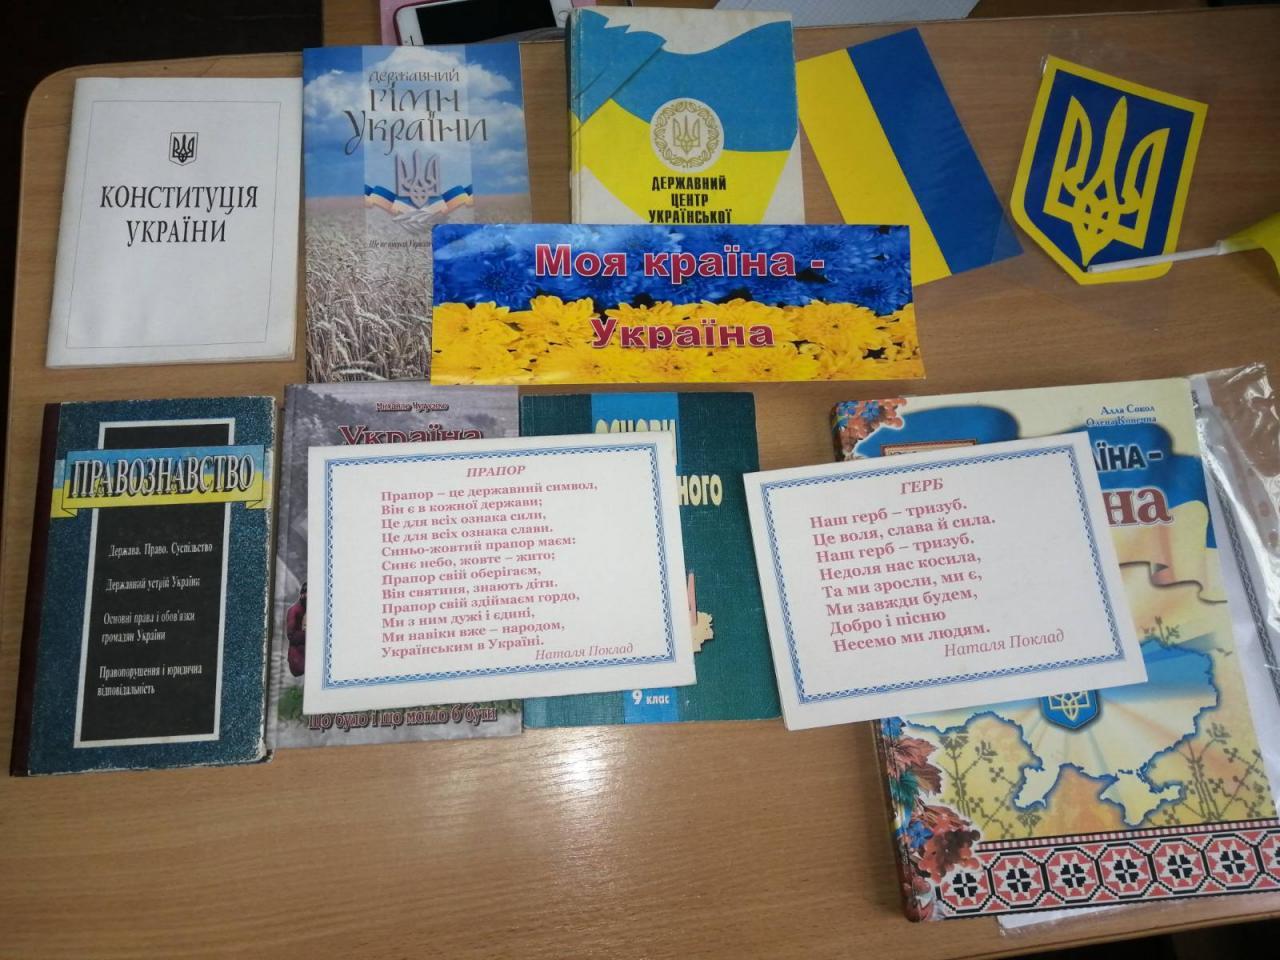 http://dunrada.gov.ua/uploadfile/archive_news/2020/02/25/2020-02-25_8653/images/images-27951.jpg